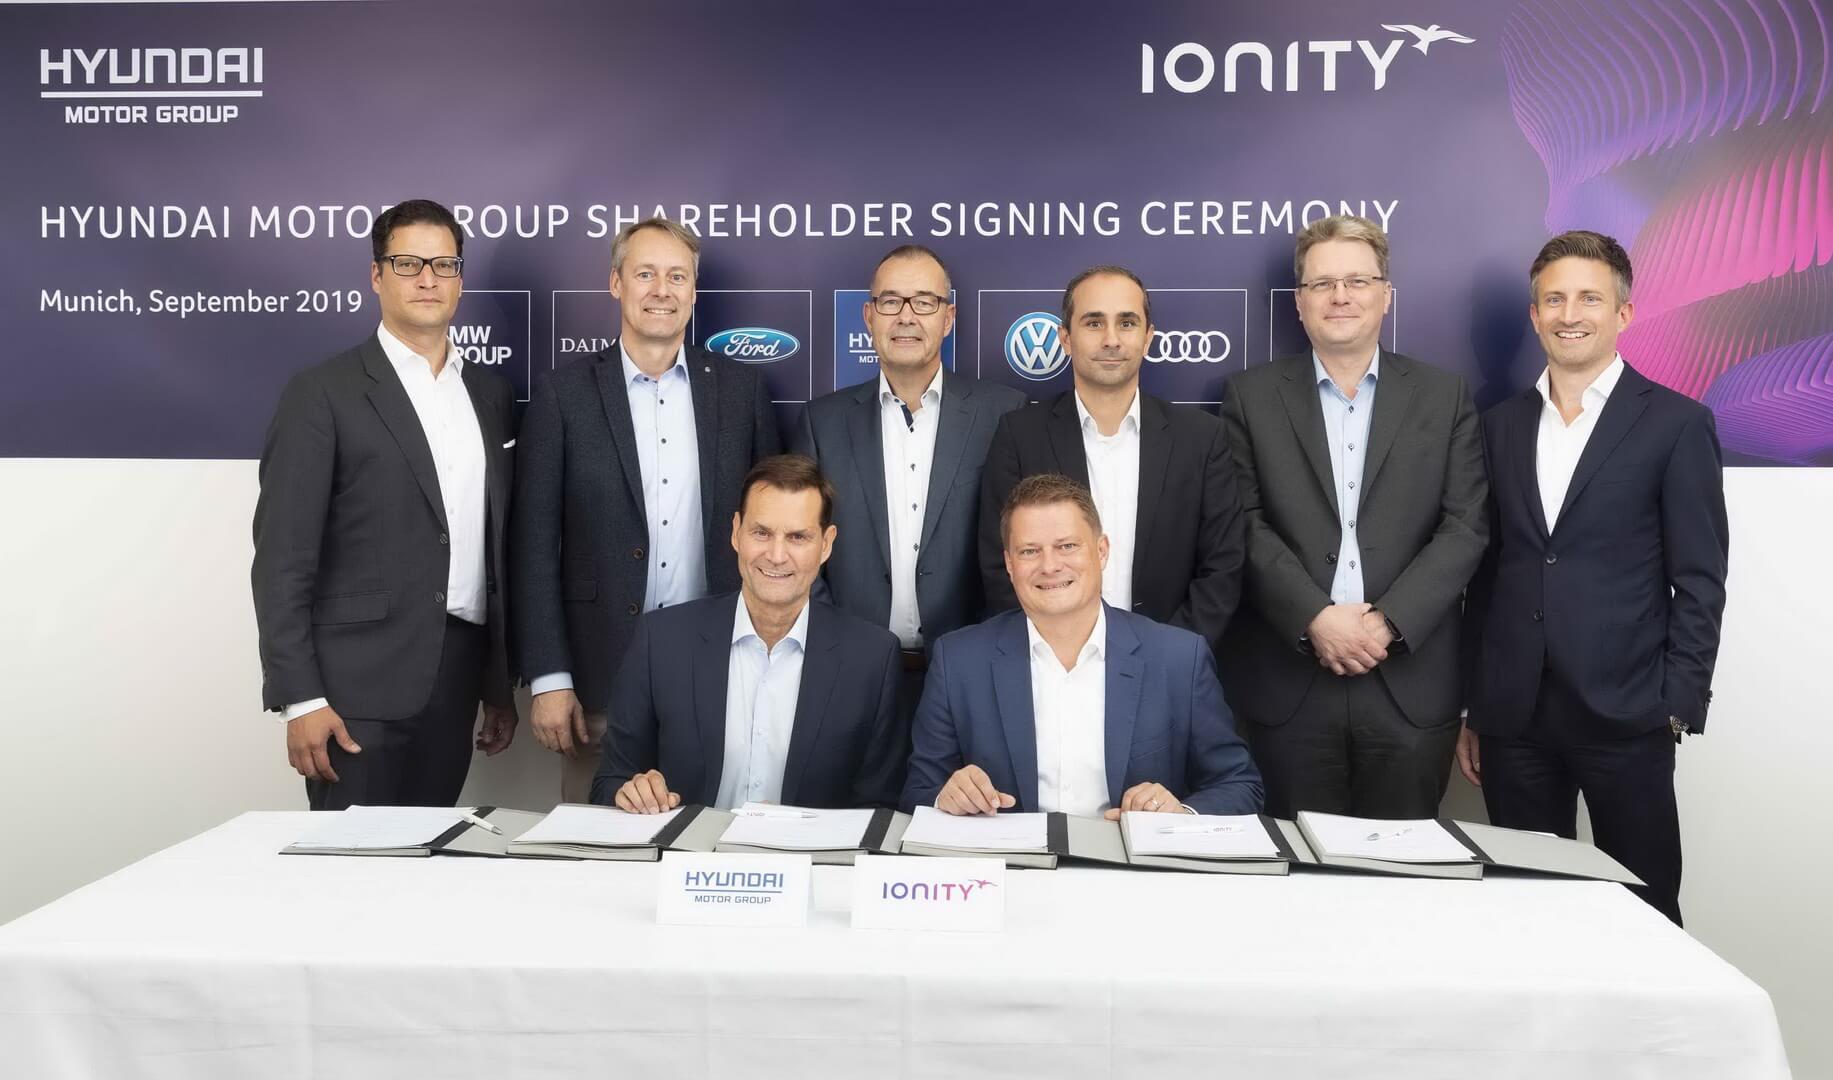 Hyundai Motor інвестує в європейську зарядну мережу для електромобілів IONITY